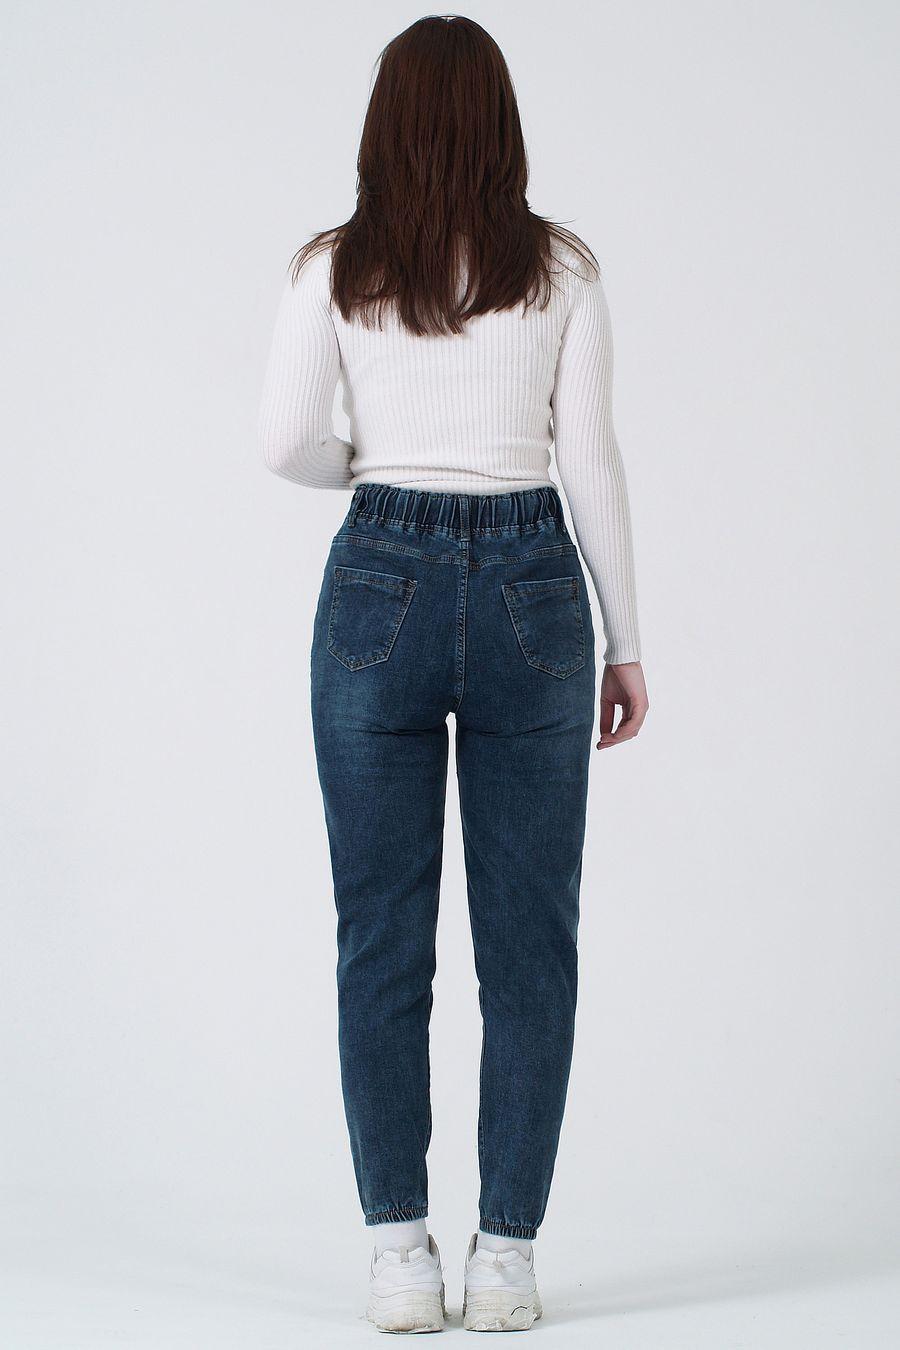 Джинсы женские K.Y Jeans 088 утепленные - фото 2